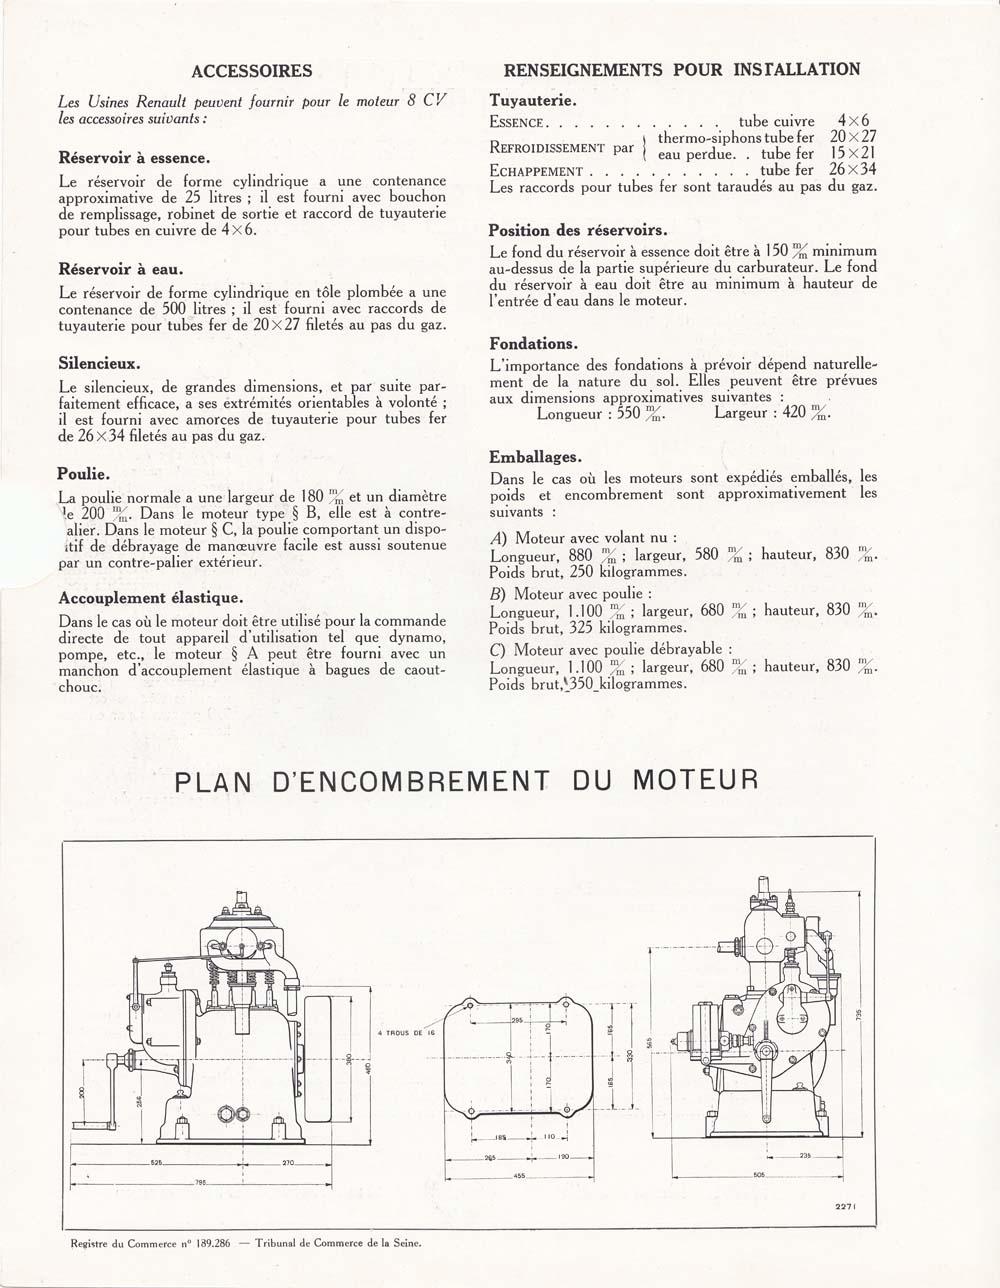 Moteur industriel 8 cv à 2 cylindres © APR Droits réservés